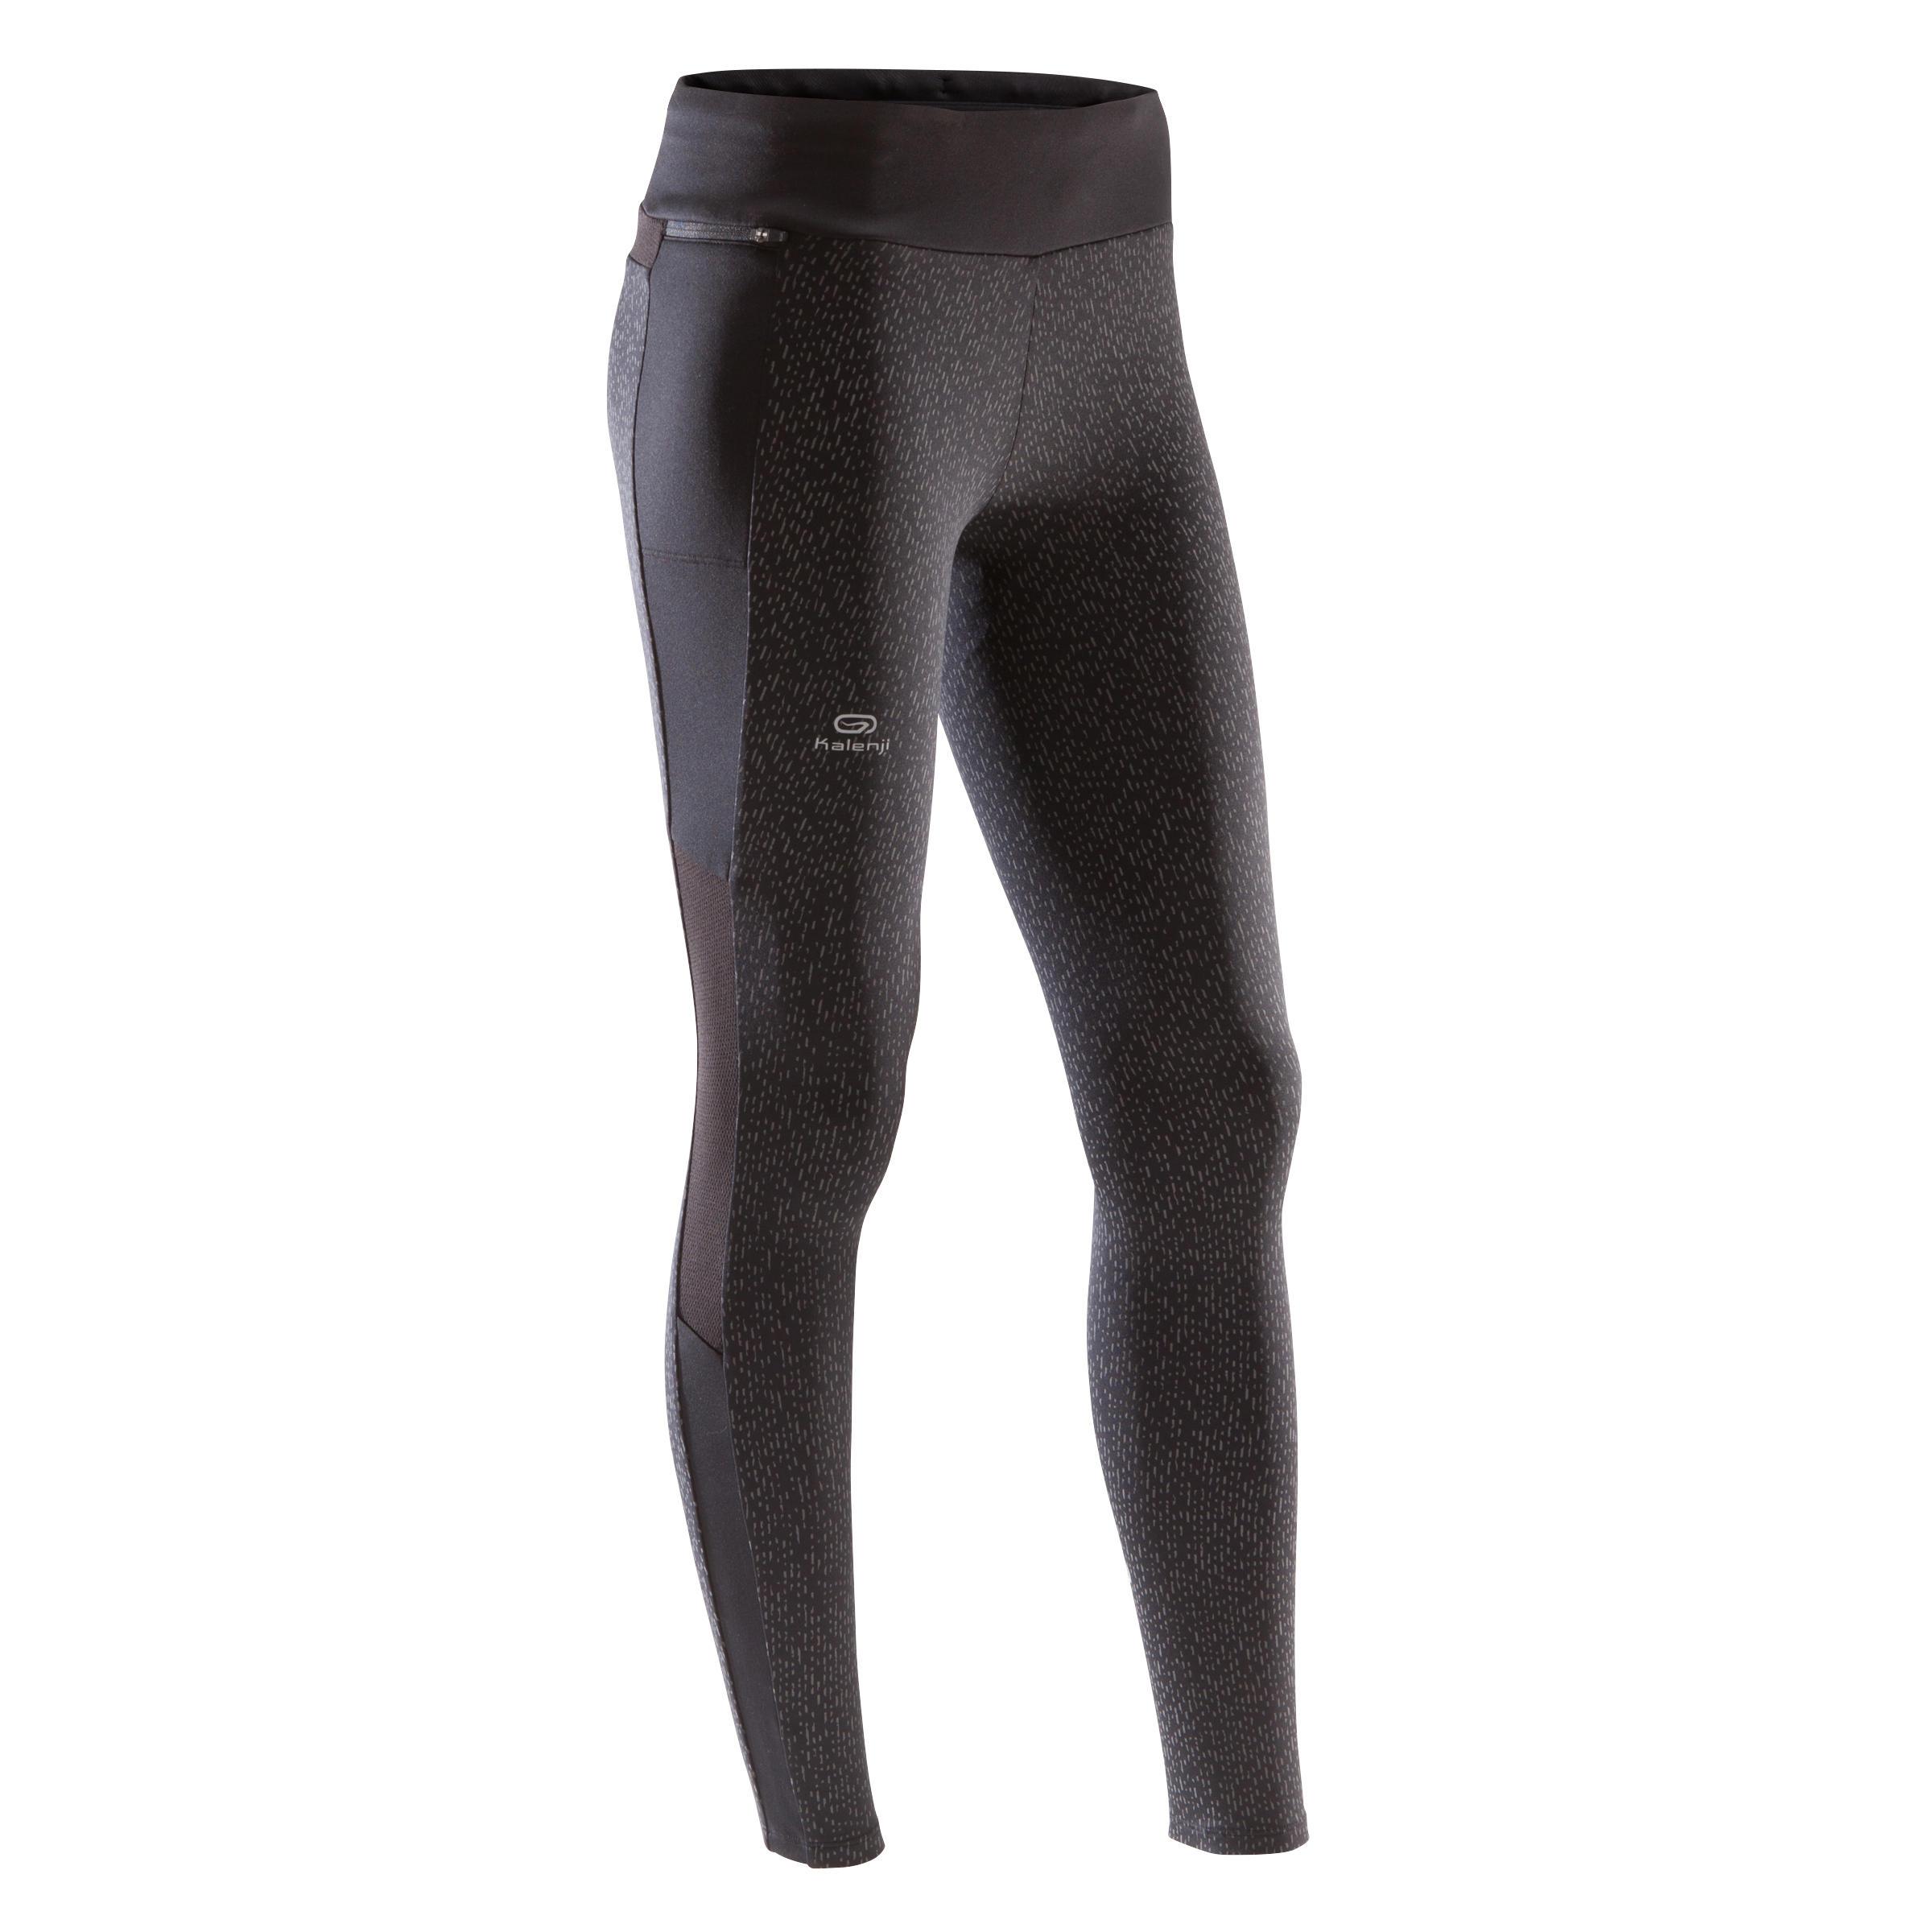 Kalenji Warme loopbroek voor dames Run Warm+ zwart nacht